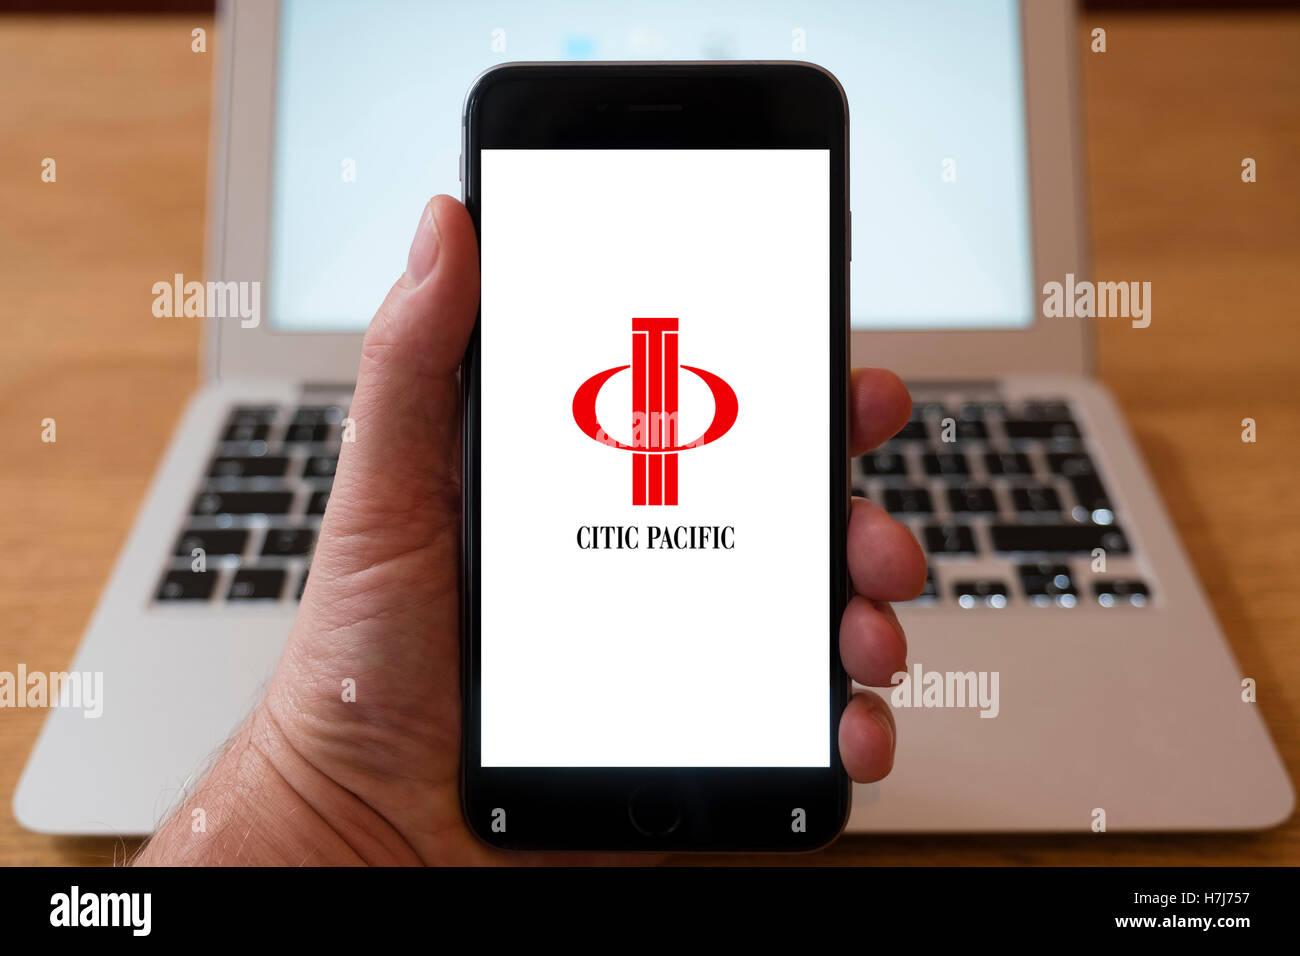 Mit dem iPhone Smartphone Logo der Citic Pacific anzuzeigen Stockbild